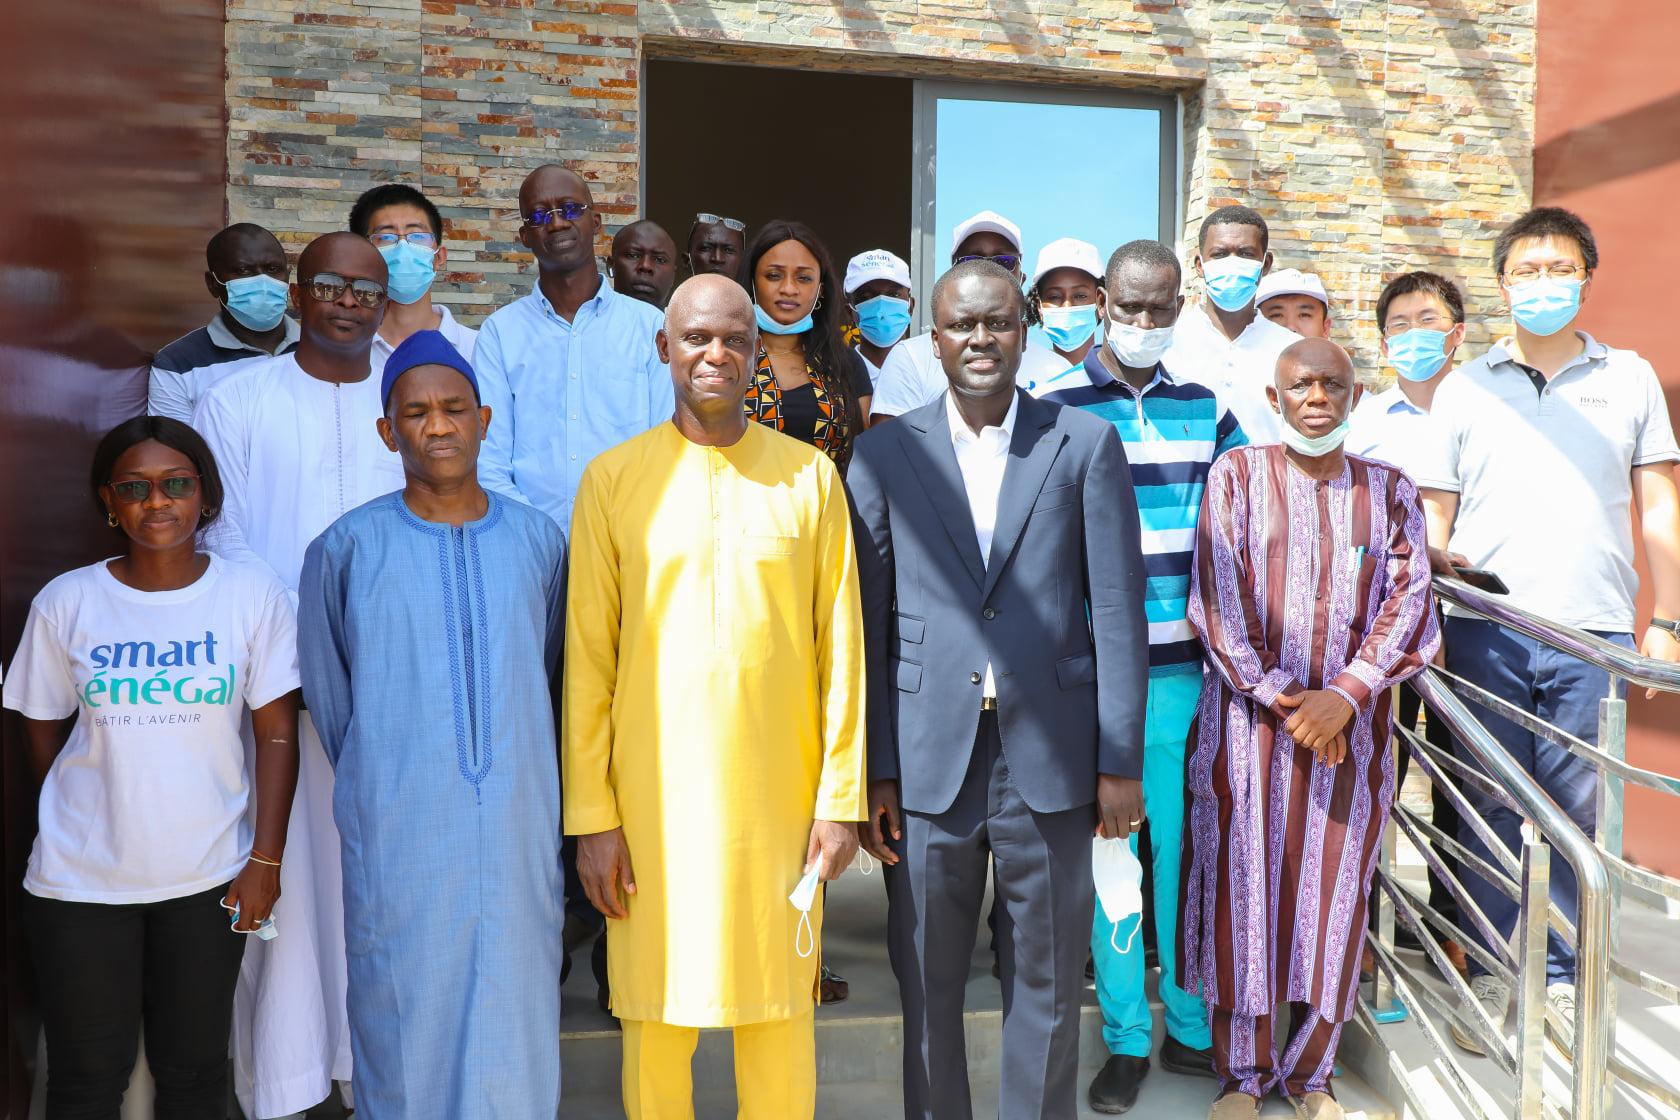 Saint-Louis : le Maire Mansour Faye visite les chantiers de Smart Sénégal